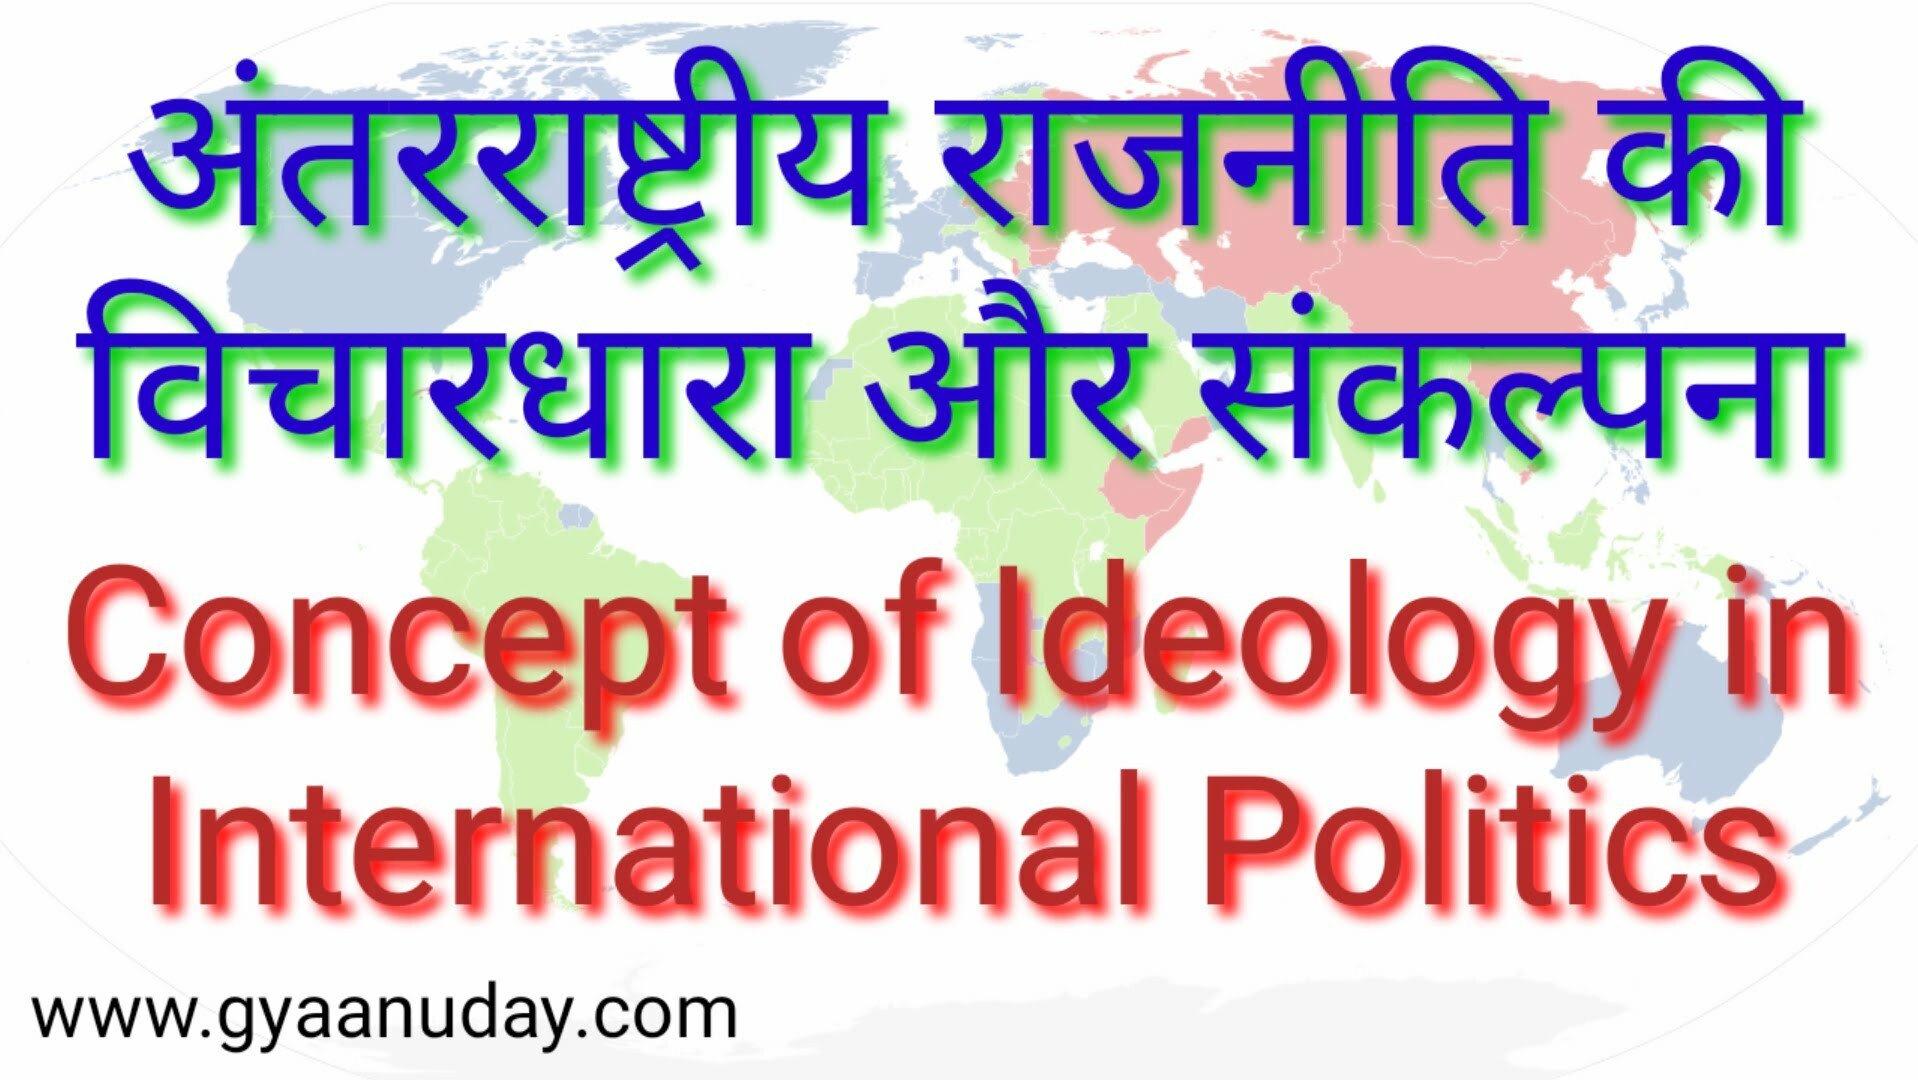 अंतरराष्ट्रीय राजनीति की विचारधारा और संकल्पना